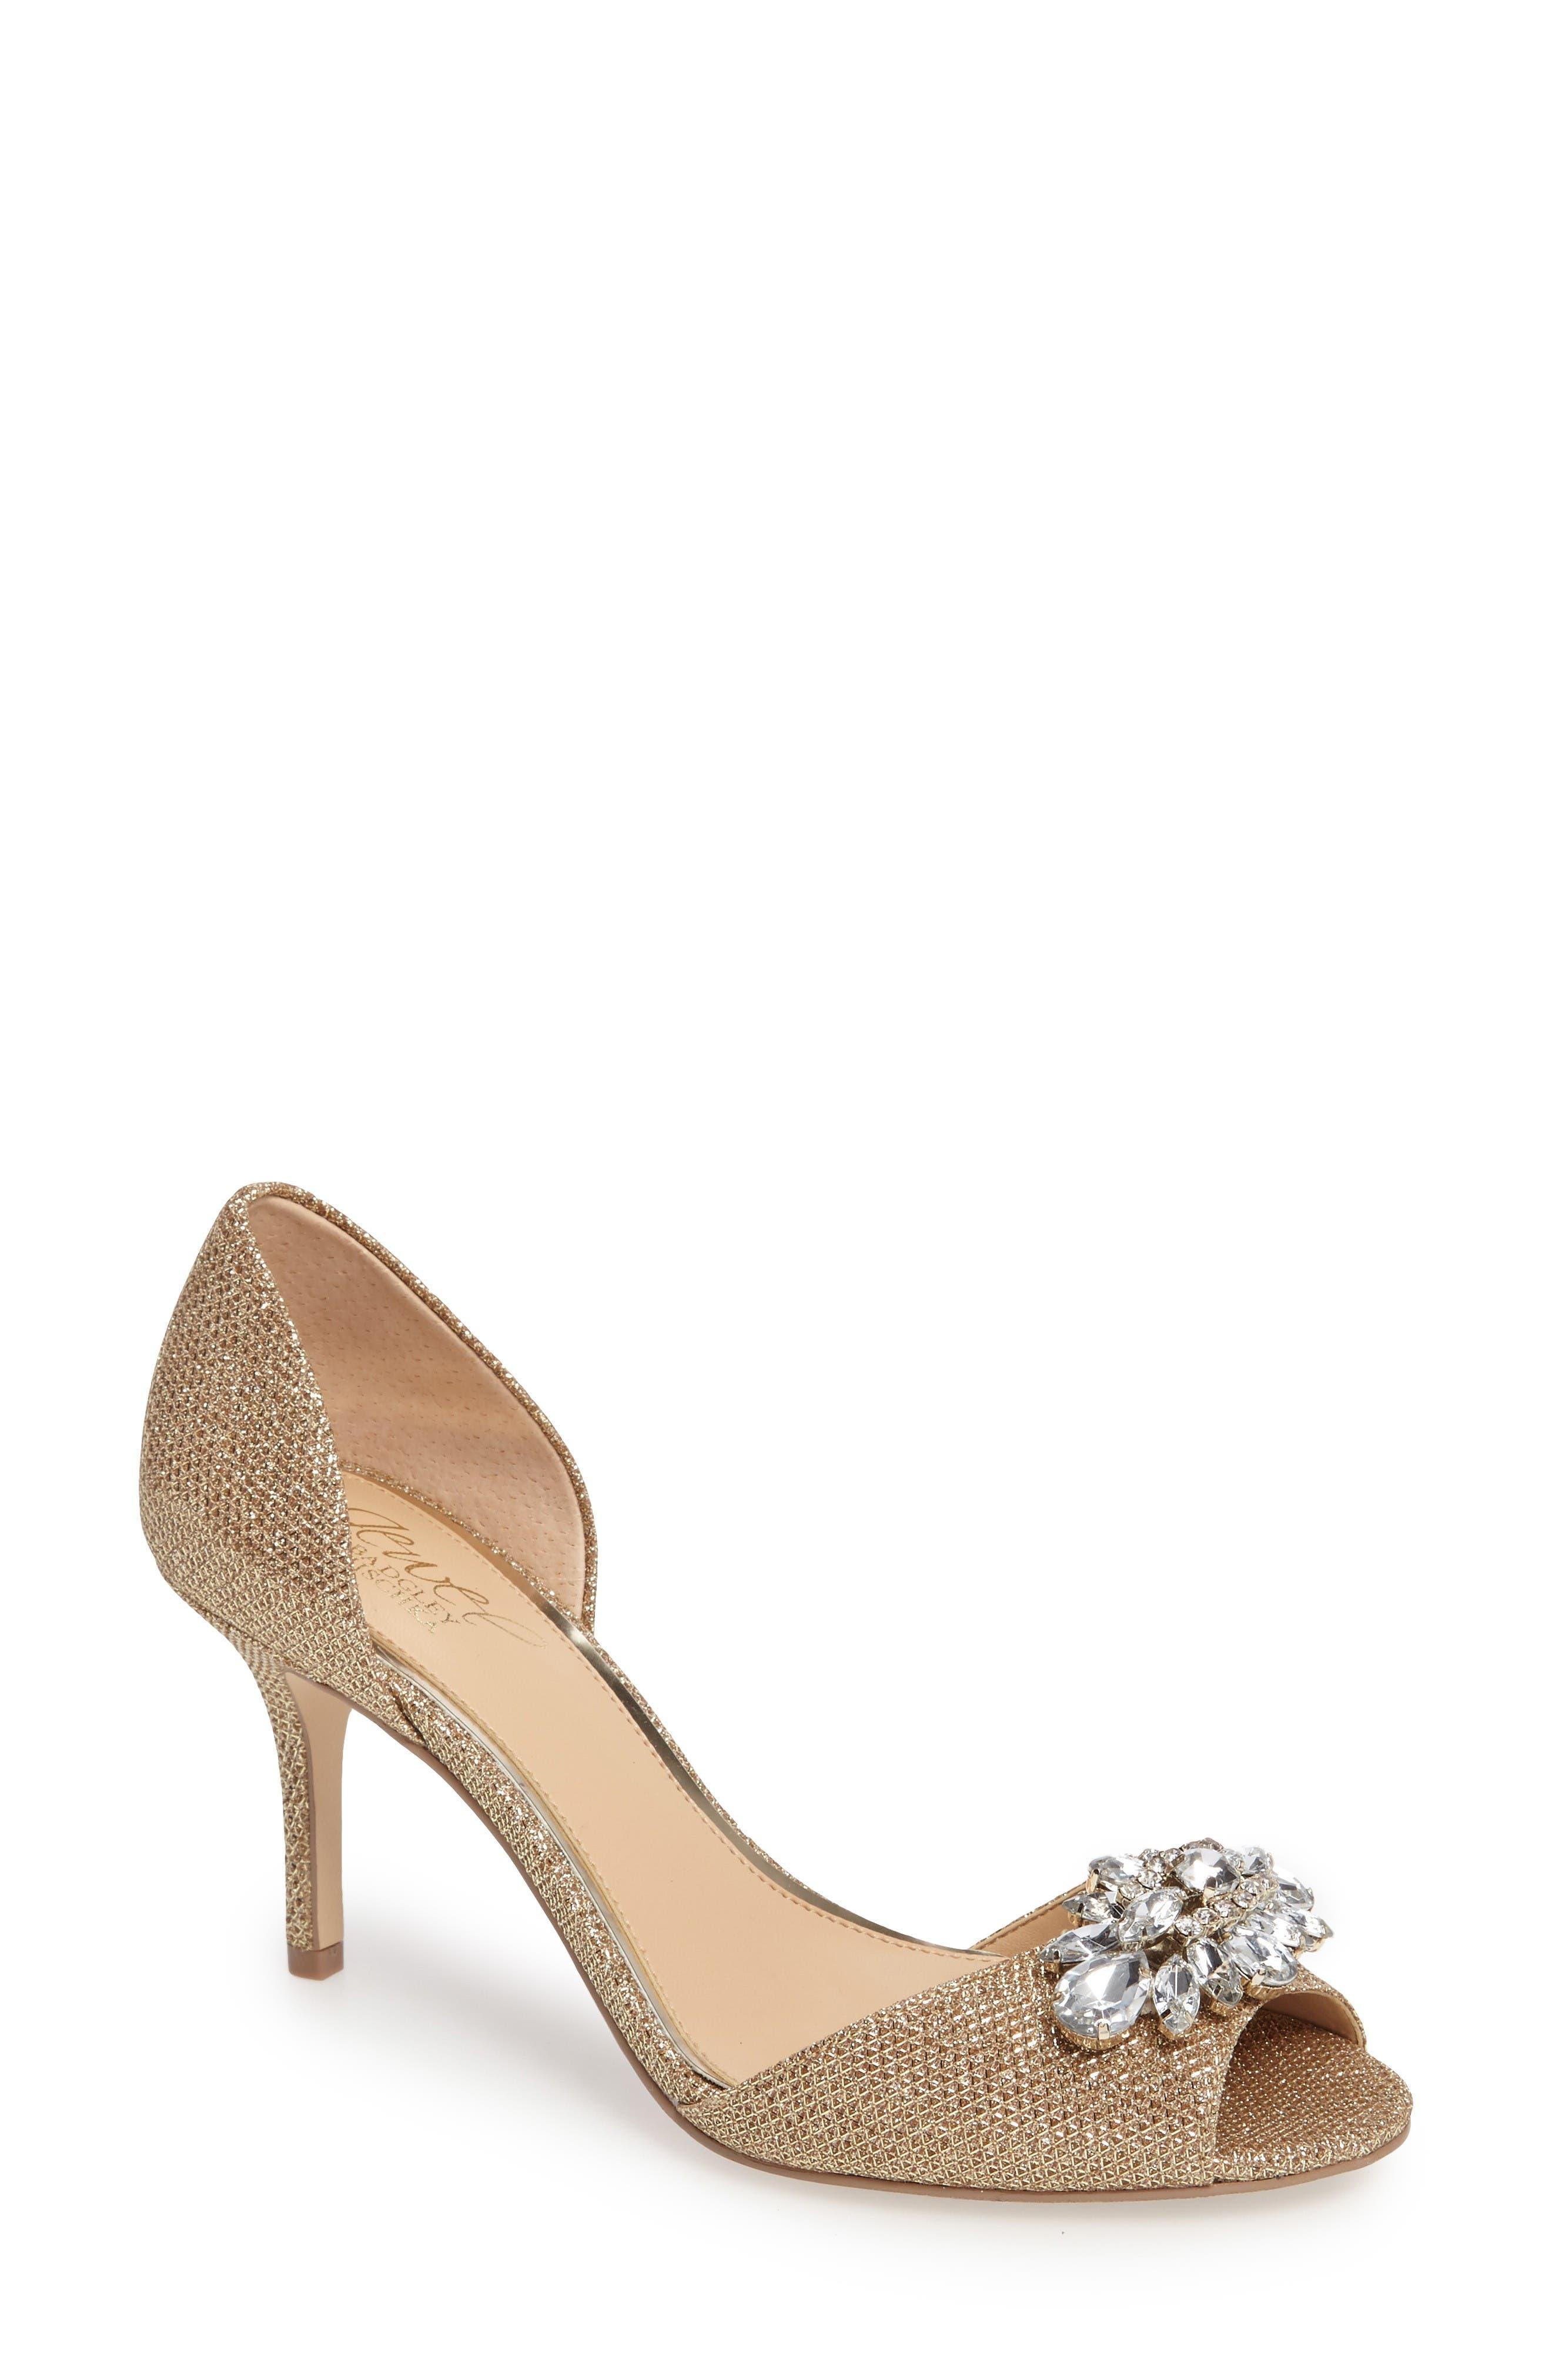 JEWEL BADGLEY MISCHKA Hays Embellished Sparkling Sandal